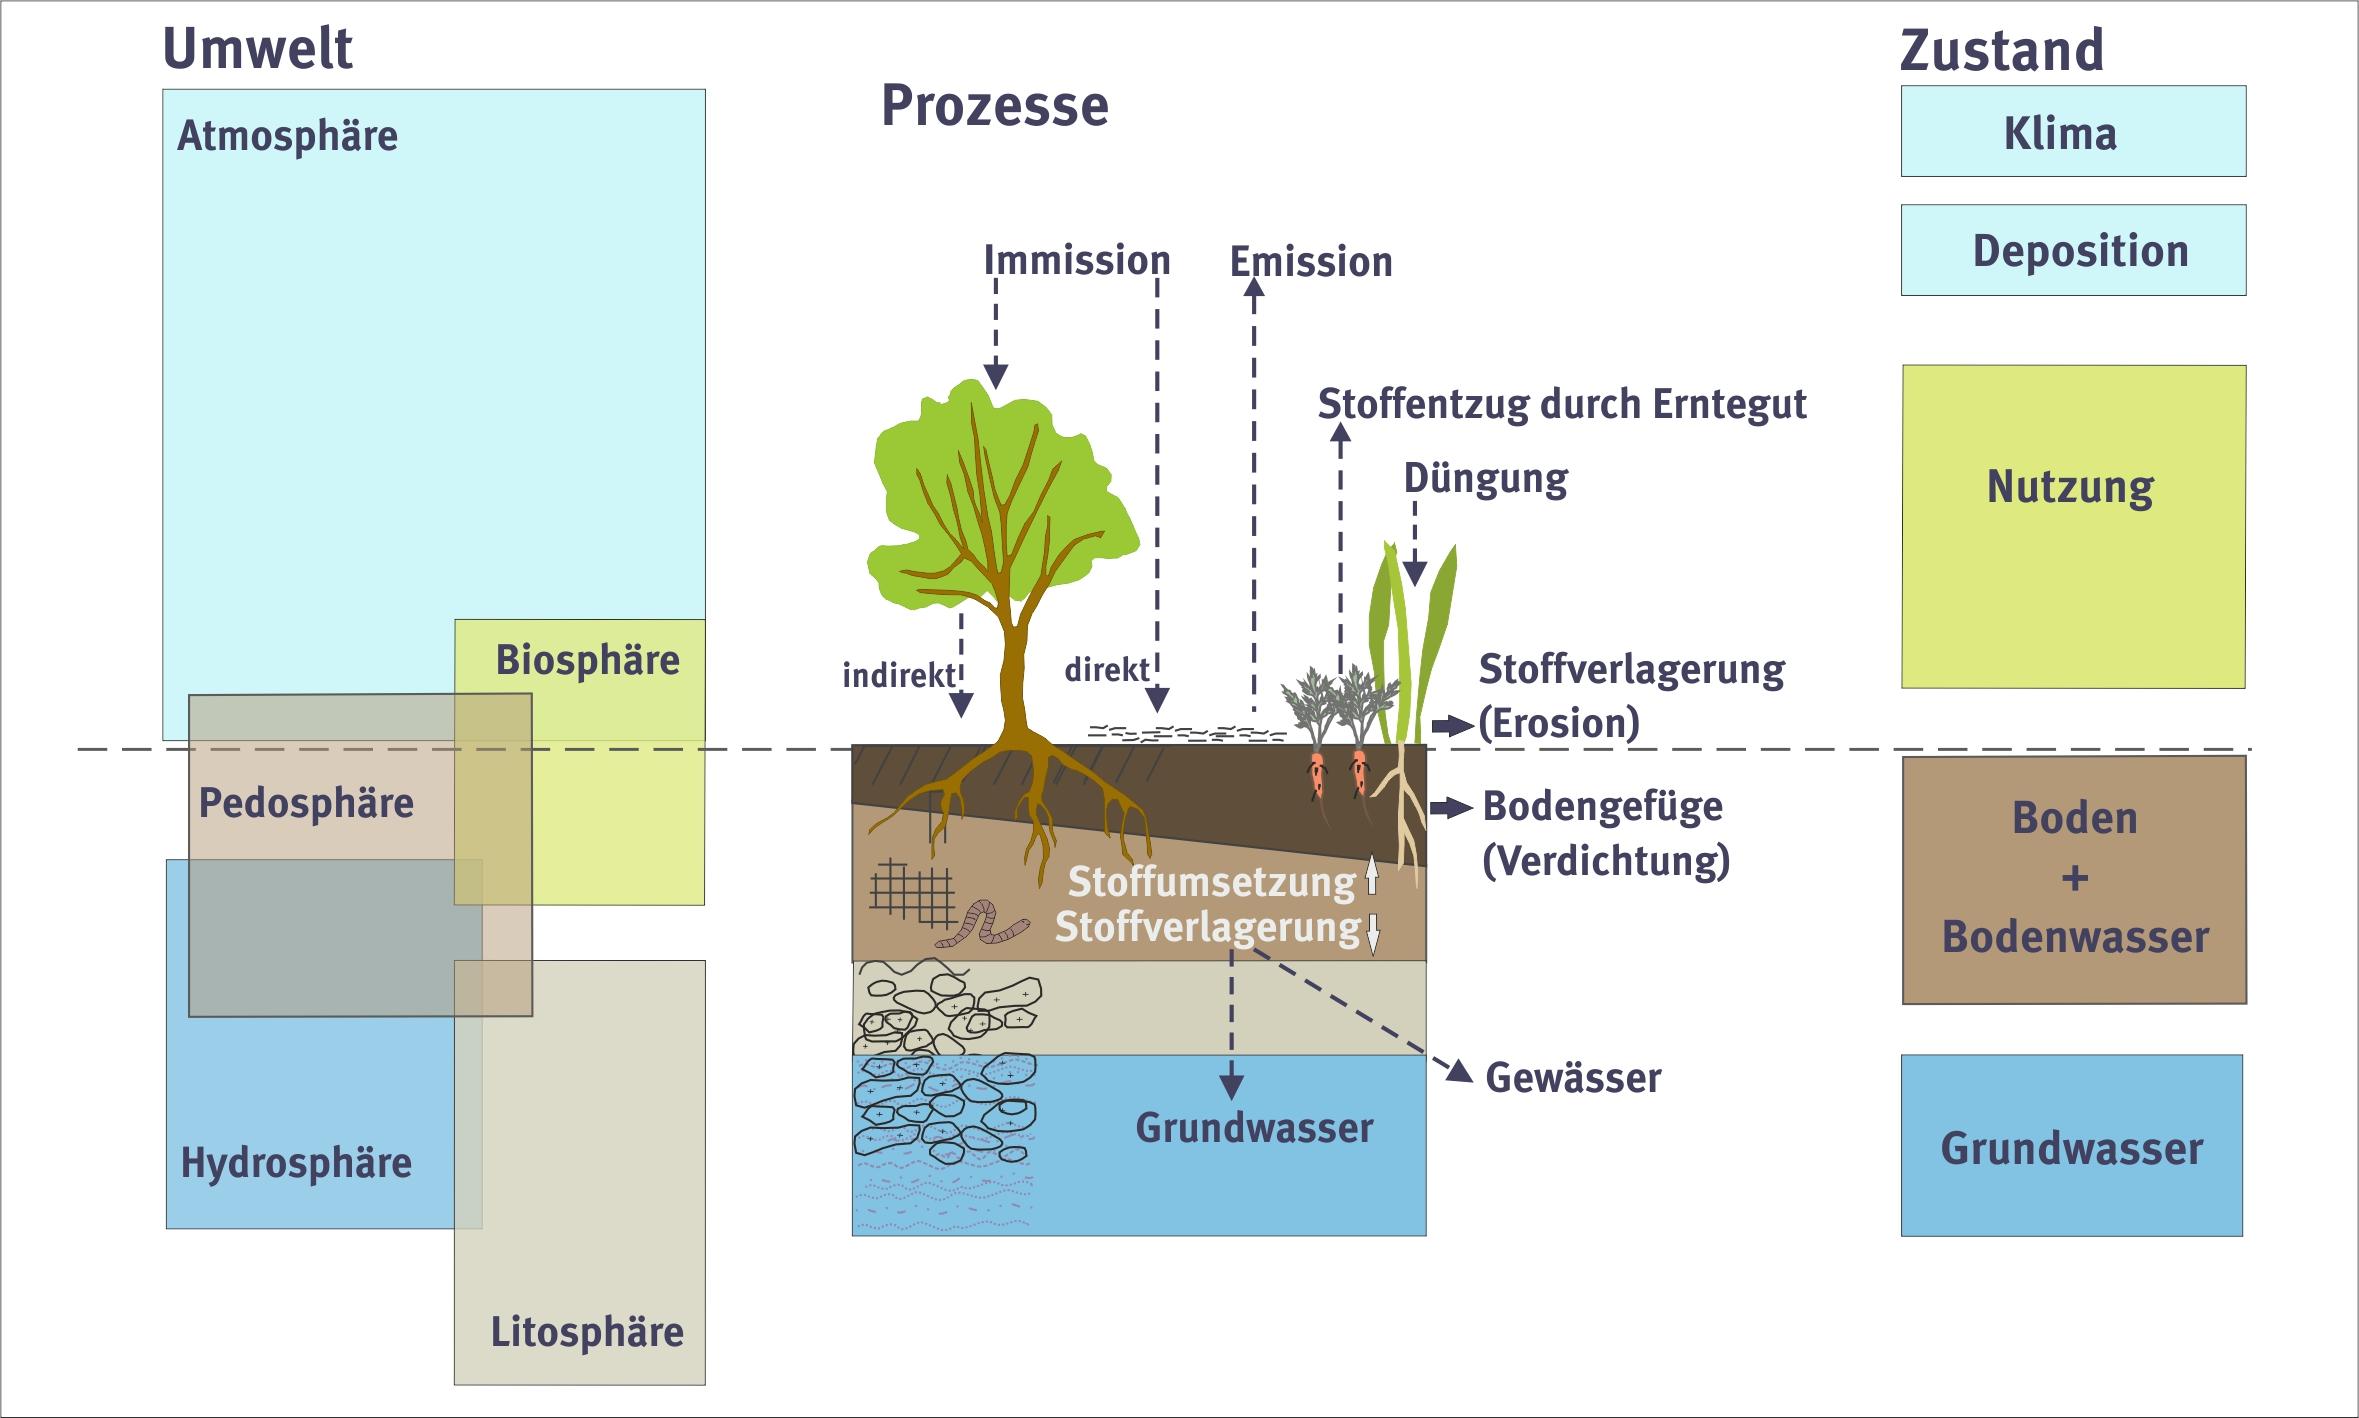 Soil observation and assessment | Umweltbundesamt